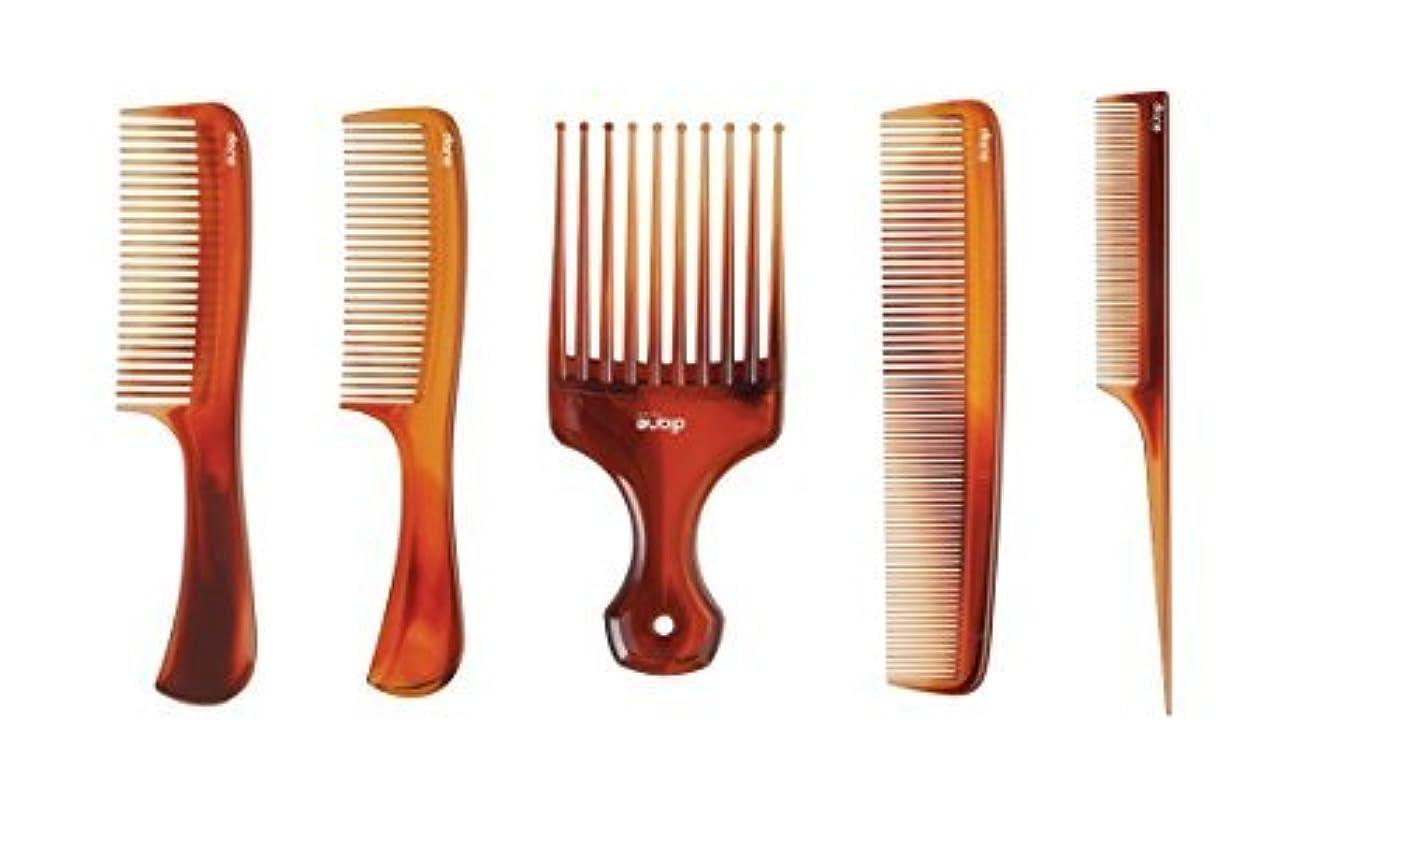 断言する平衡小麦MayaBeauty (5-pack) Tortoise Comb Kit (Includes: Lift Comb/Pik, Large Shampoo Comb,Small Shampoo Comb, Dressing Comb, Rat Tail Comb) [並行輸入品]